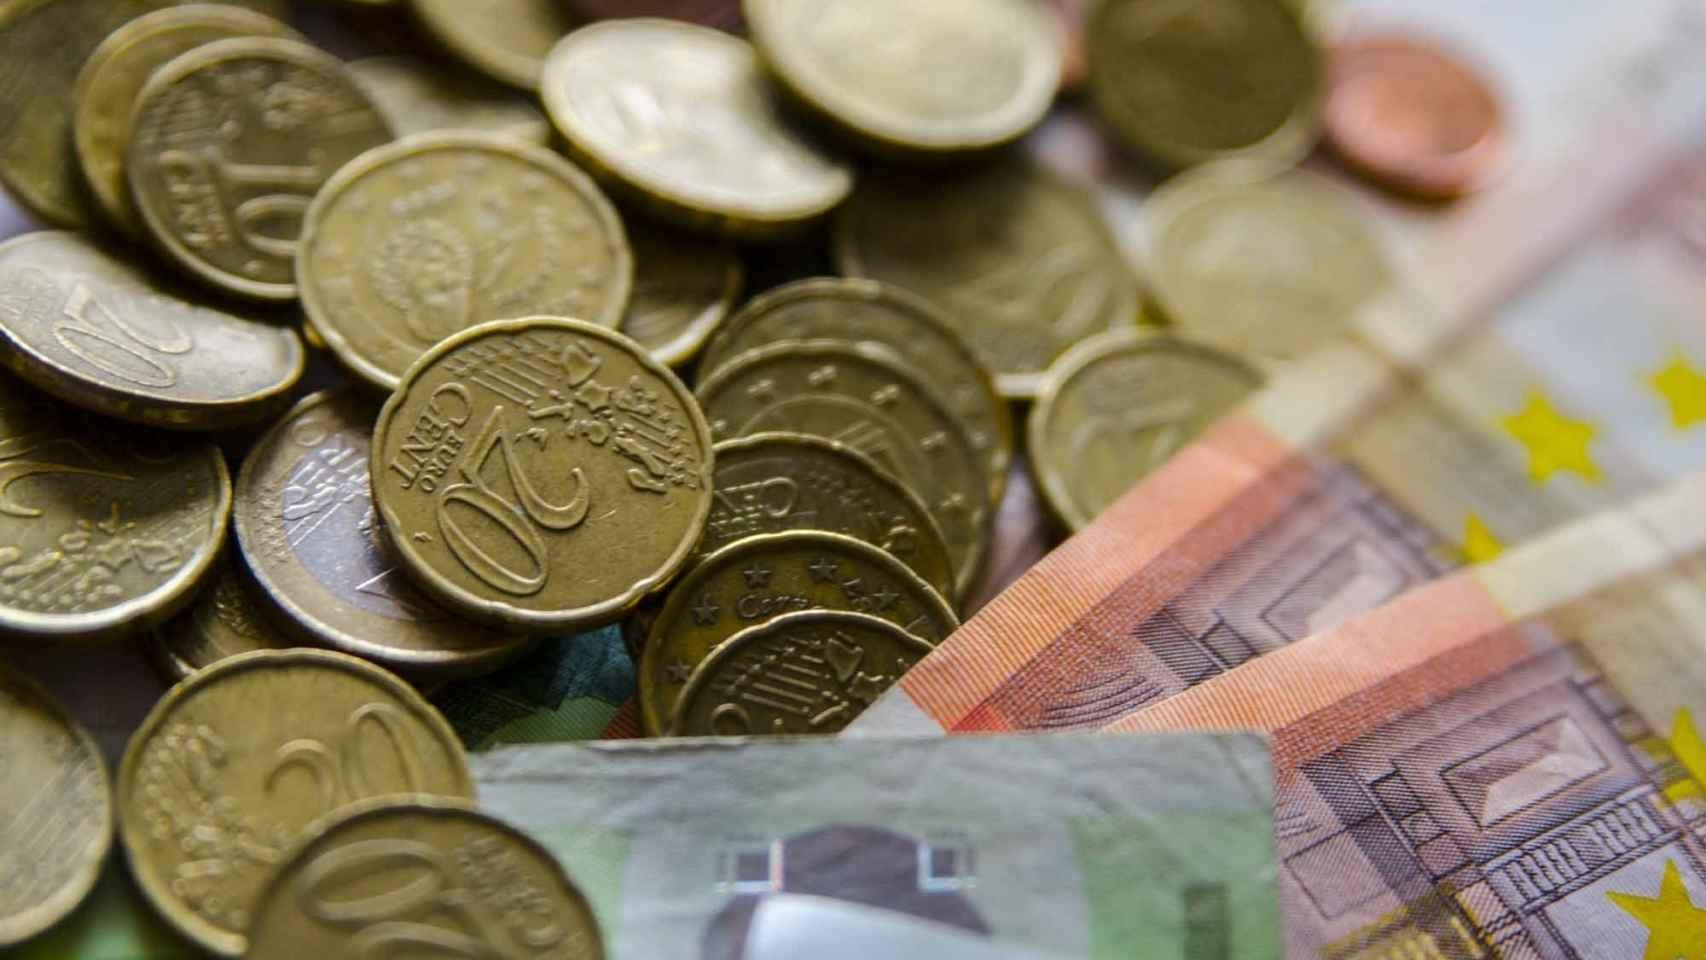 El Panel de Funcas rebaja al 6,3% el crecimiento del PIB para 2021 y eleva su previsión de déficit al 8,4%